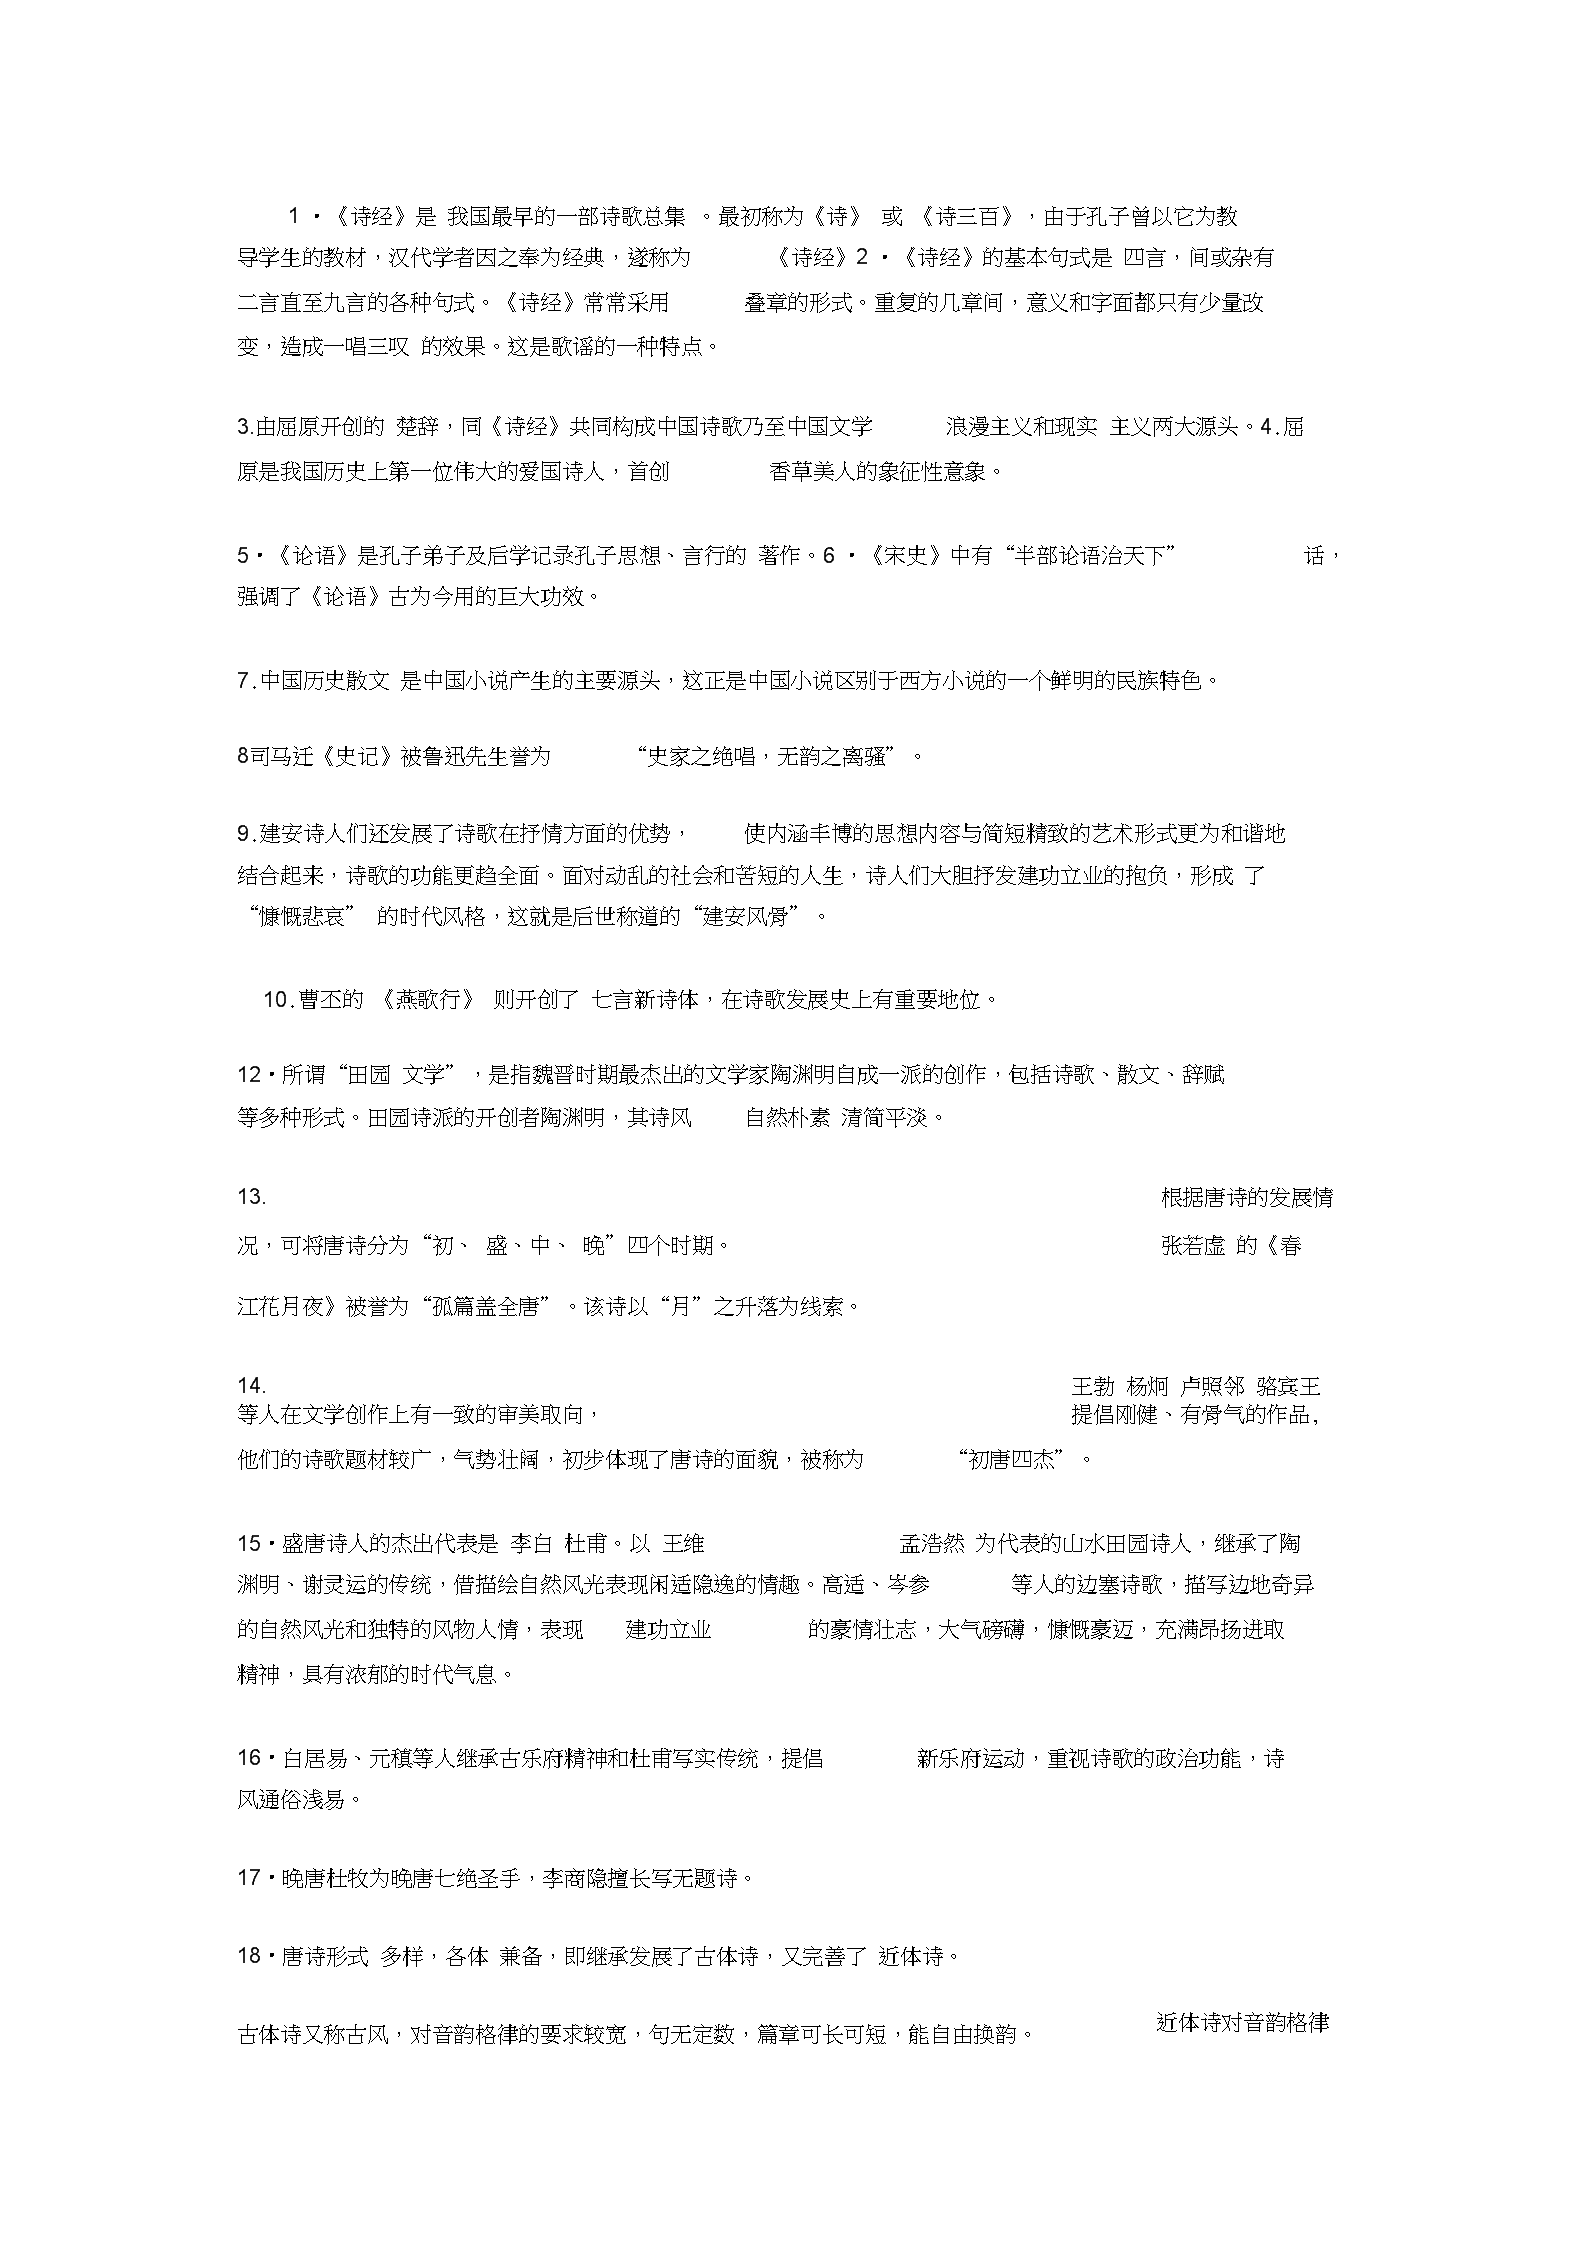 大学语文重点知识总结(考试必备!).docx